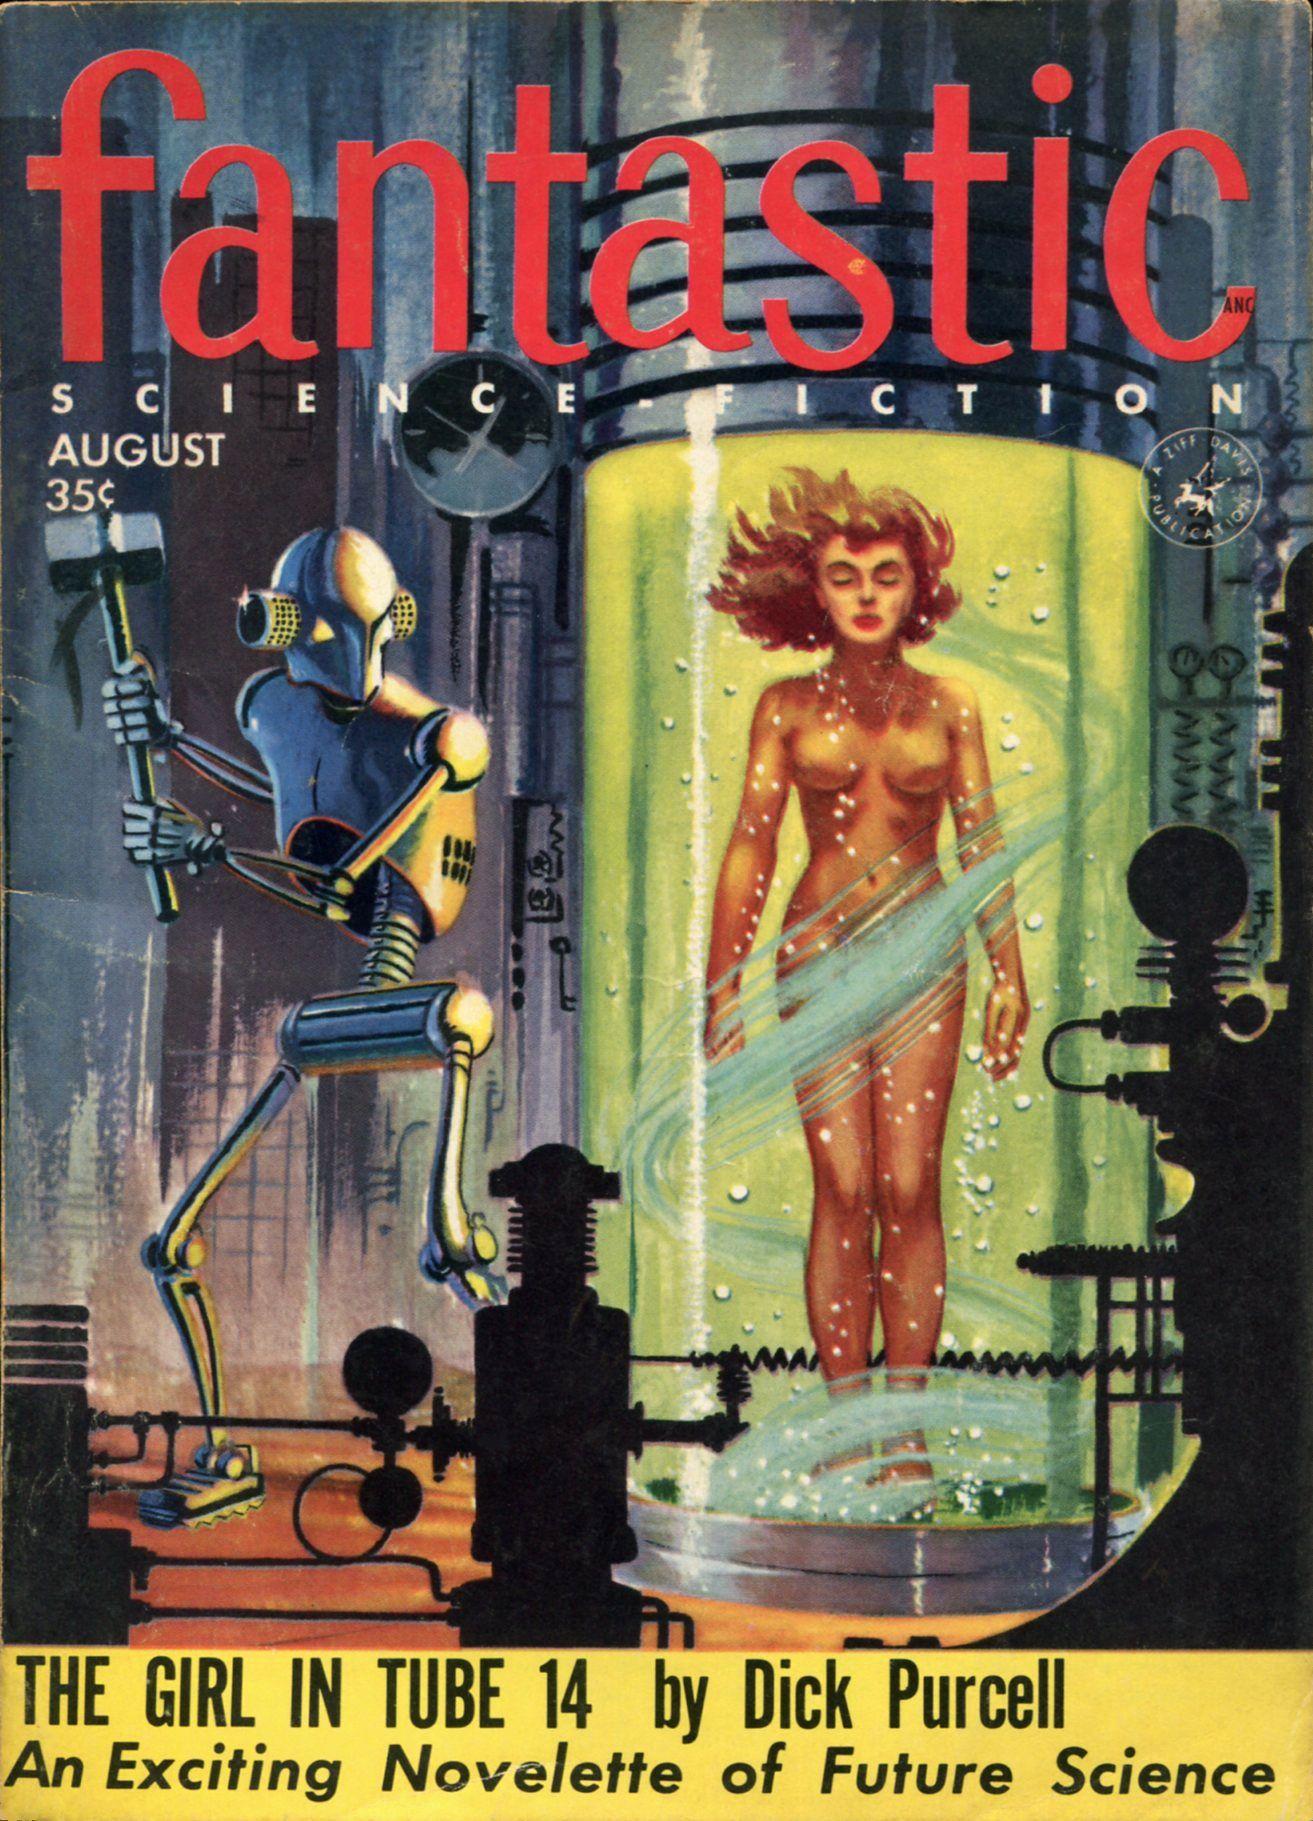 Fantastic Science Fiction Pulp Fiction Cover Art Science Fiction Art Pulp Fiction Book Pulp Science Fiction